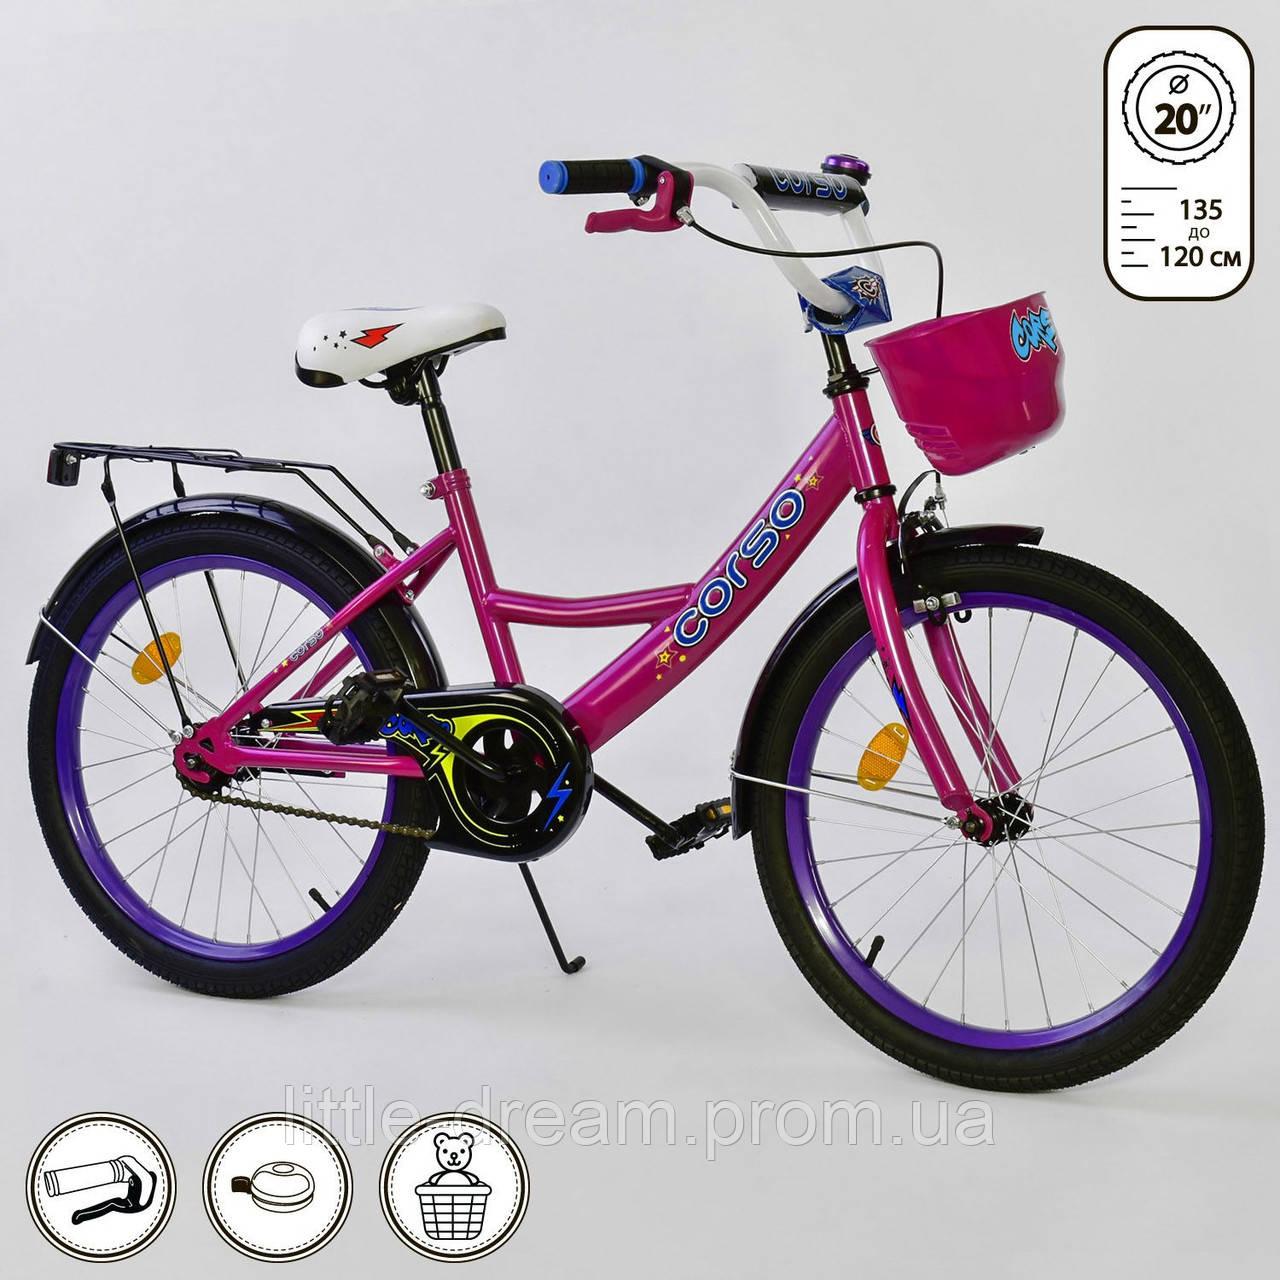 """Велосипед 20"""" дюймов 2-х колёсный G-20852 """"CORSO"""", ручной тормоз, звоночек, мягкое сидение"""